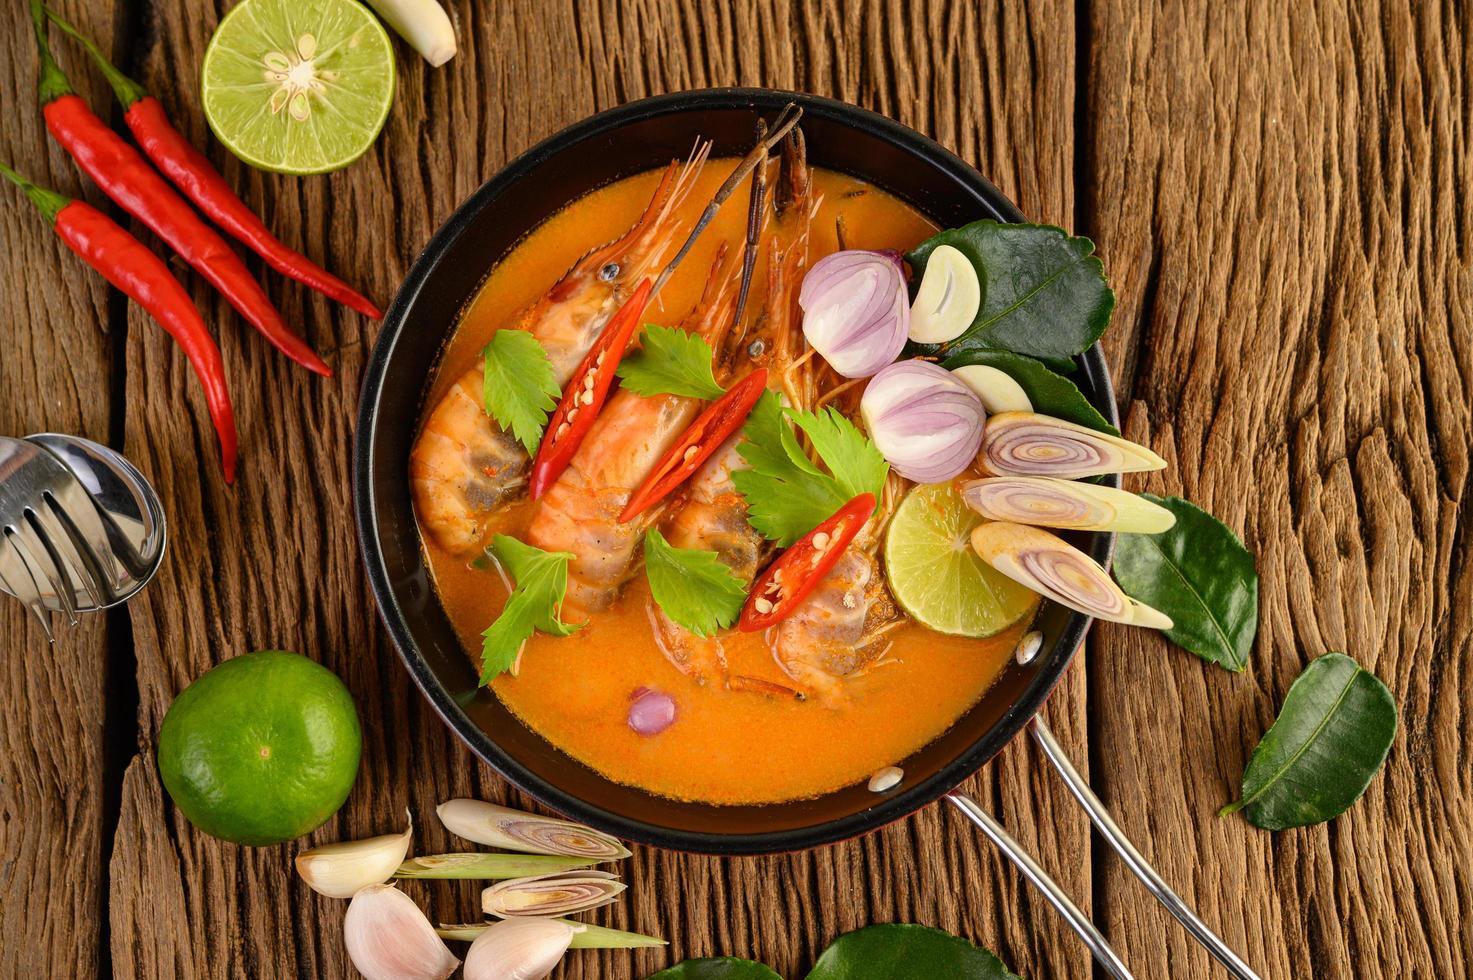 sopa picante tailandesa llamada tom yum kung con camarones foto